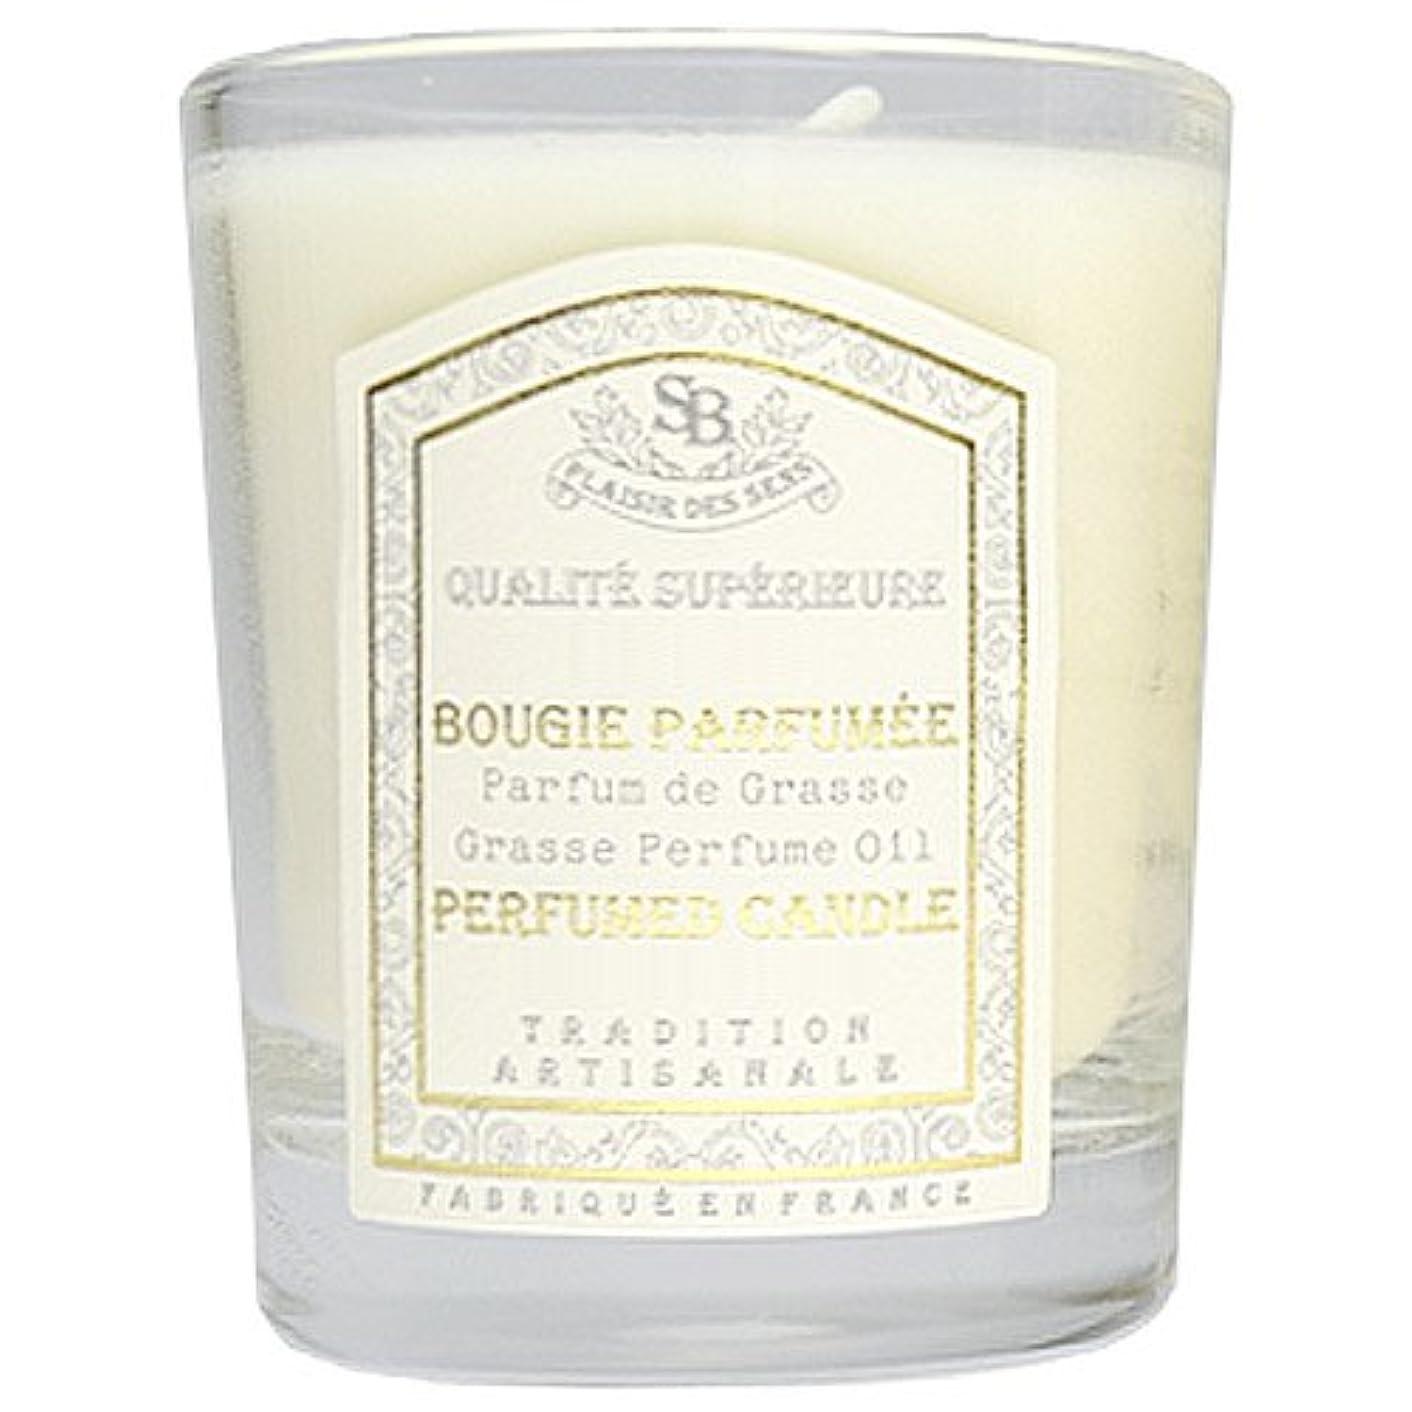 下にビリーヤギ株式会社Senteur et Beaute(サンタールエボーテ) フレンチクラシックシリーズ グラスキャンドル 90g 「ホワイトティー」 4994228021991